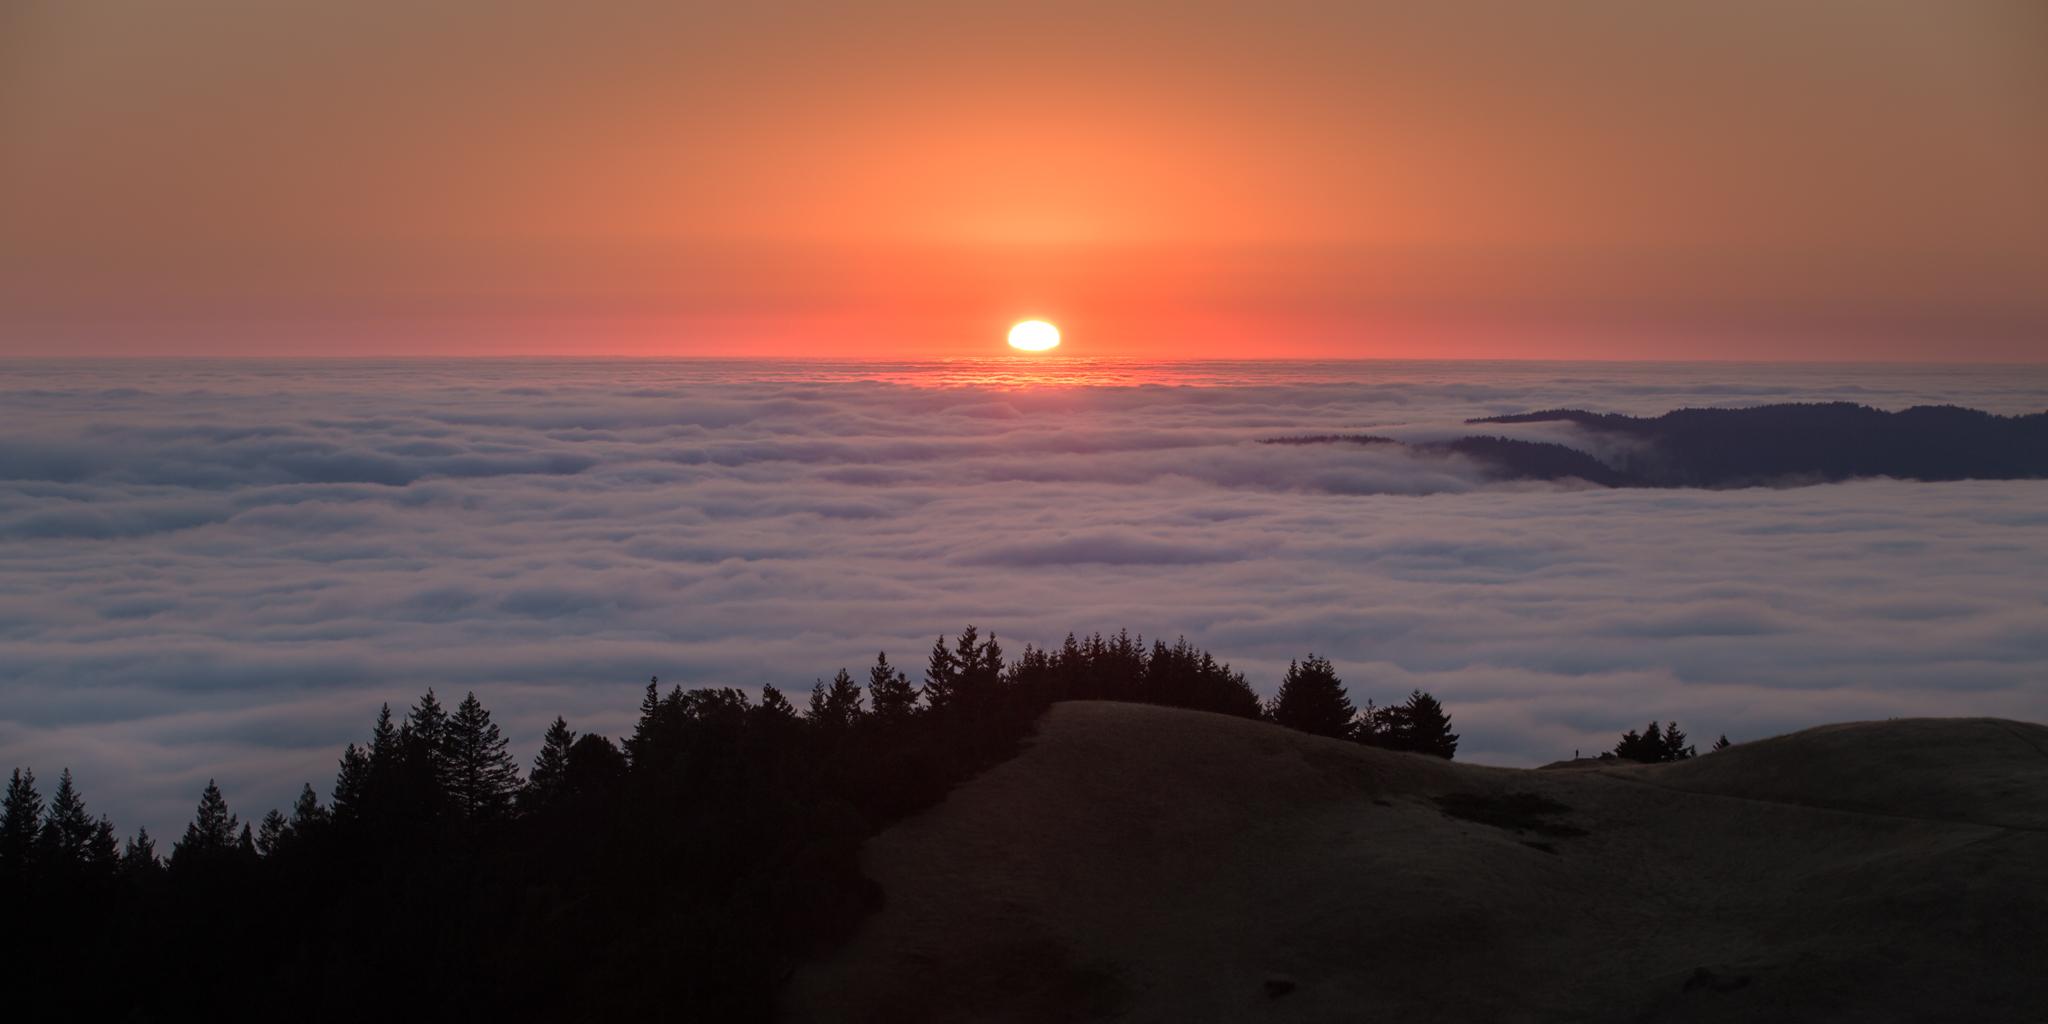 Mt. Tamalpais Sunset - 8-16-16.jpg